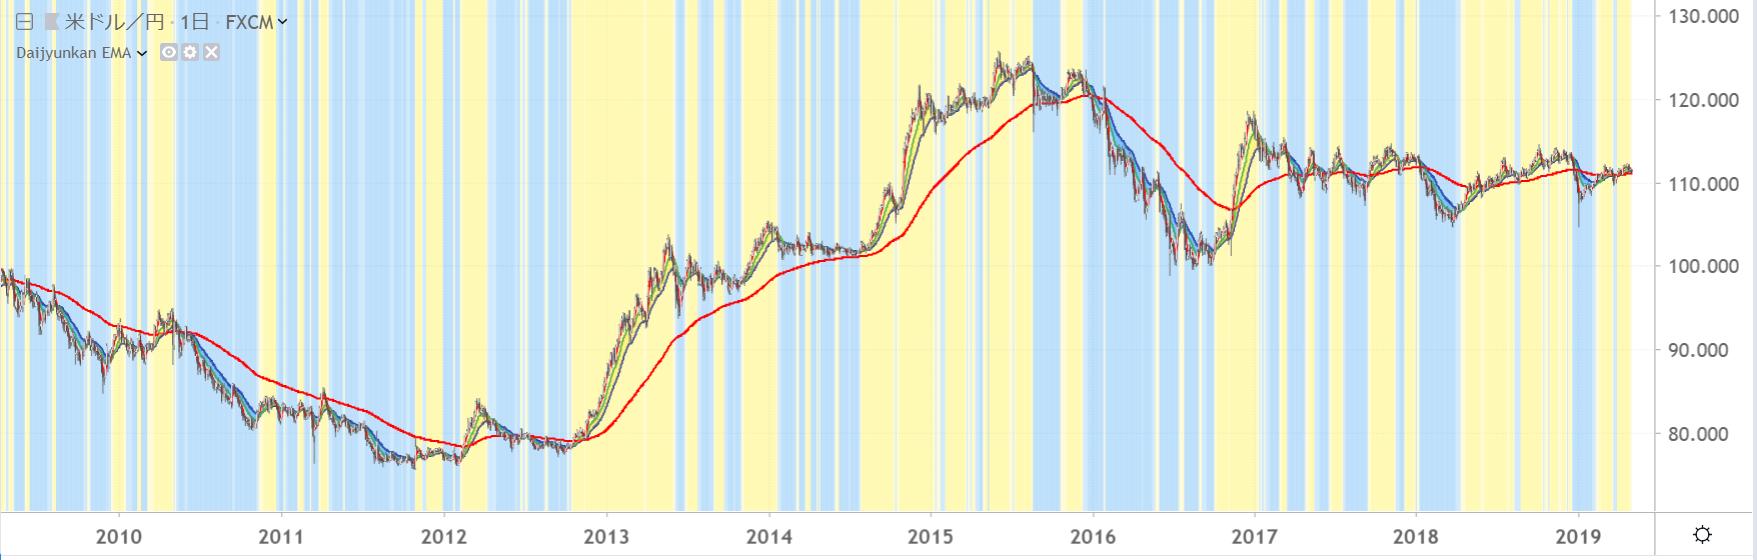 ドル円 アベノミクスの値動きを狙う